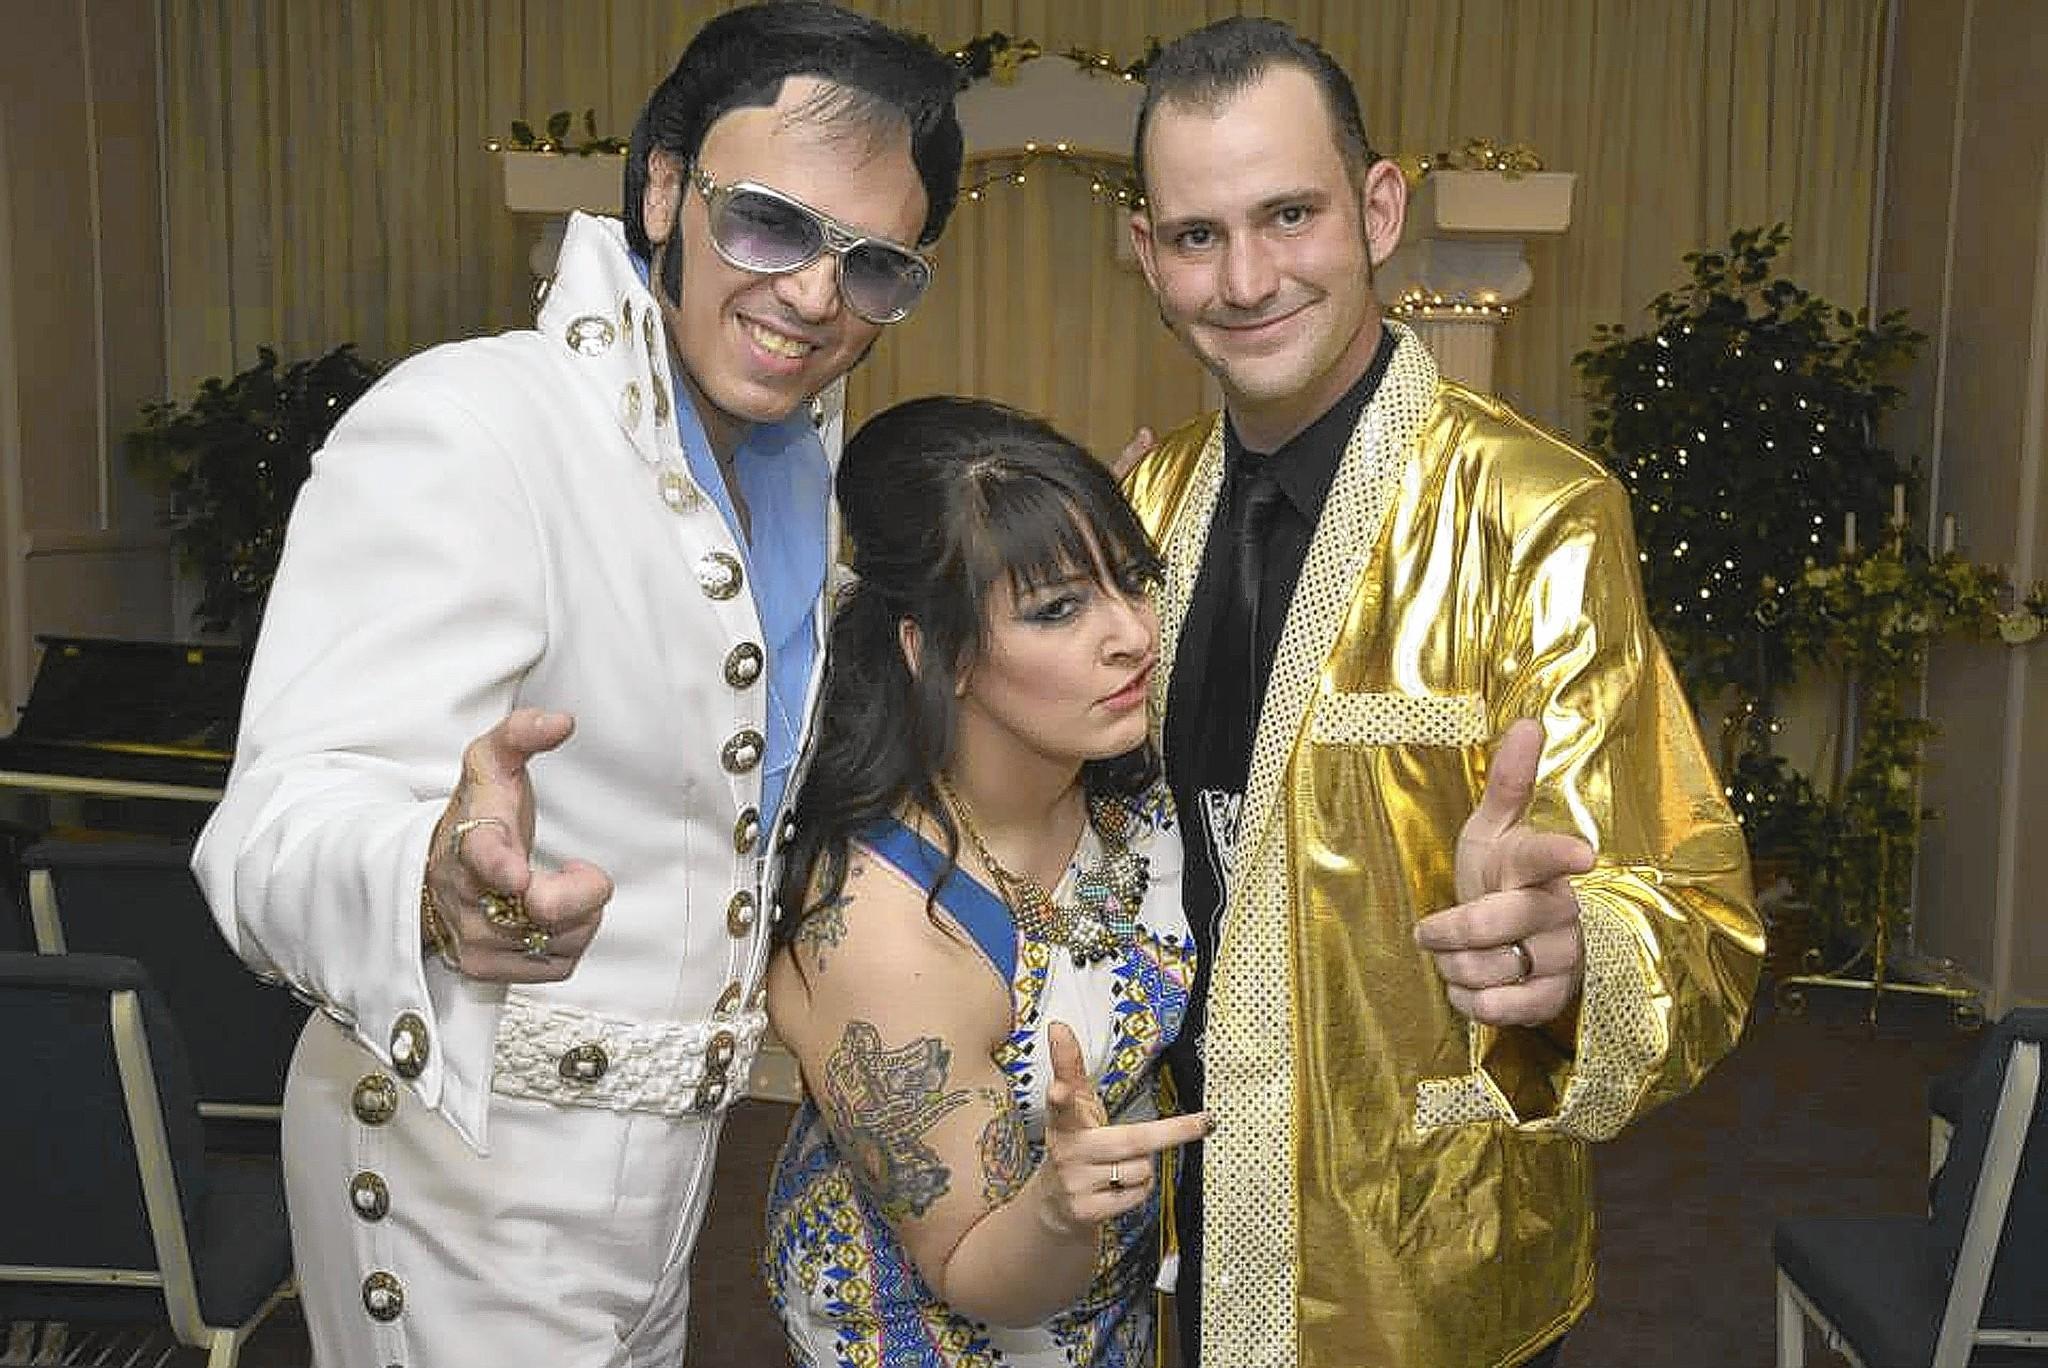 Elvis with Laura and Brian Schneider.